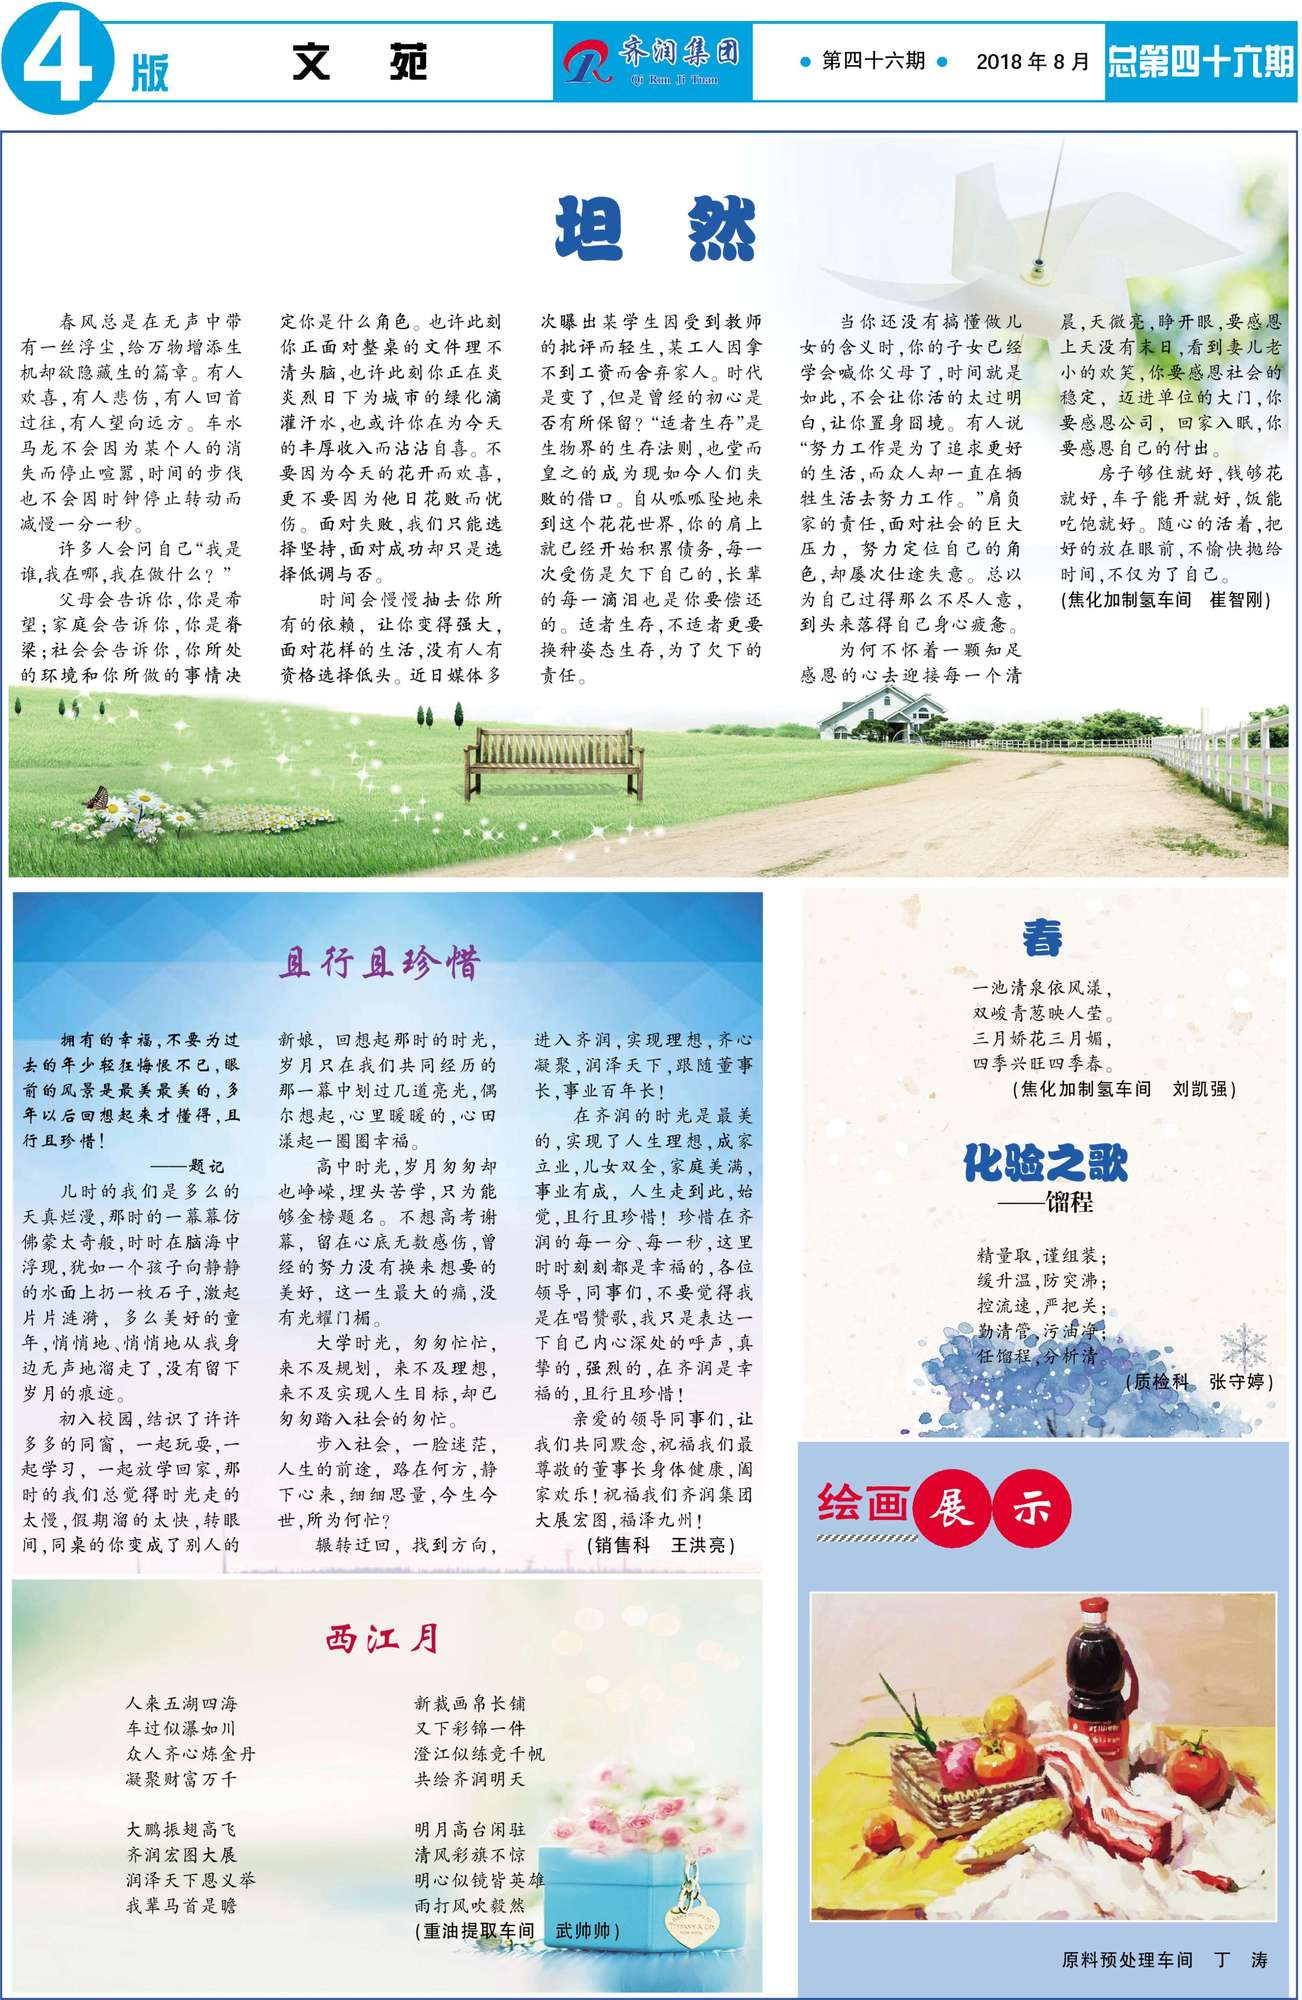 亚博体育官方登陆报第46期最终-4.jpg